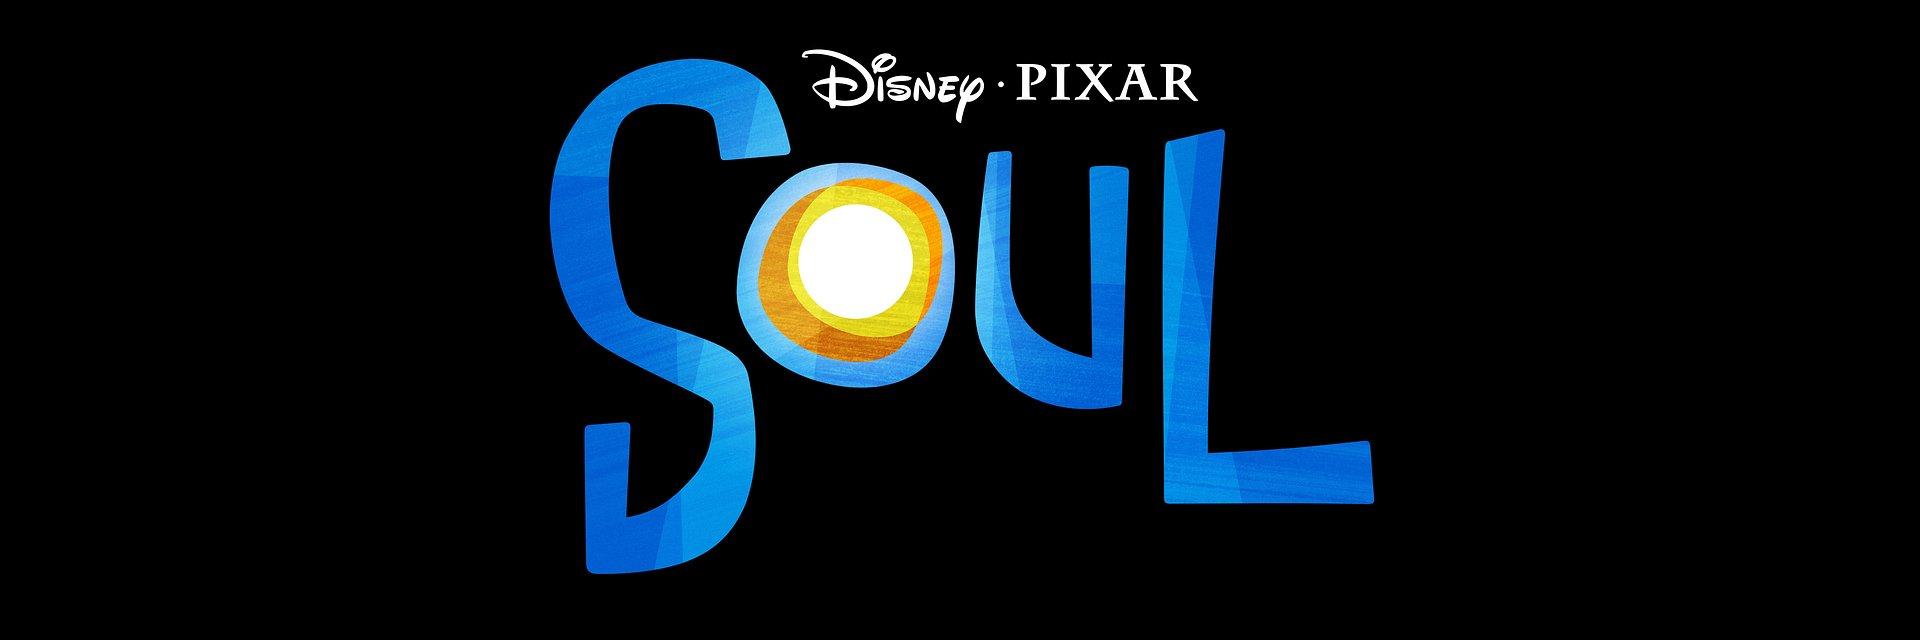 """""""SOUL - Uma Aventura com Alma"""", o novo filme da Disney Pixar chega aos hospitais pediátricos de Portugal no dia de Natal"""